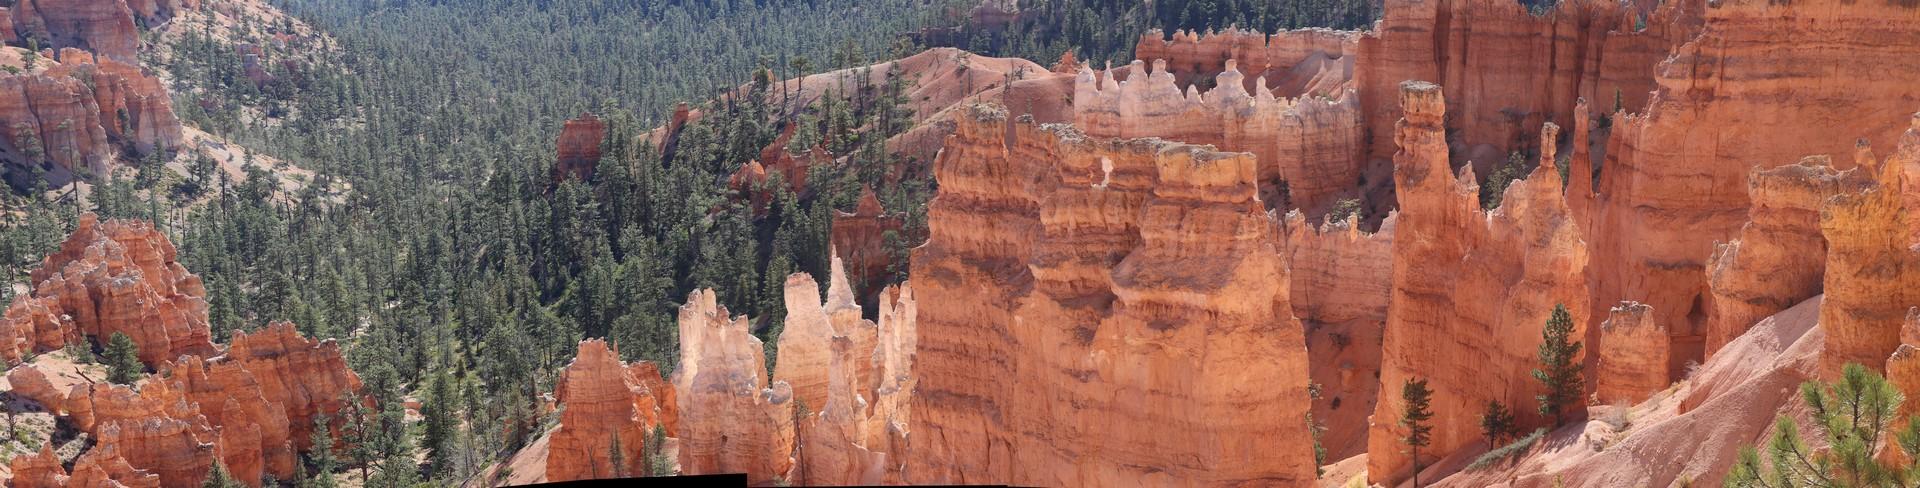 2017-10-07 Bryce Canyon-57_stitch